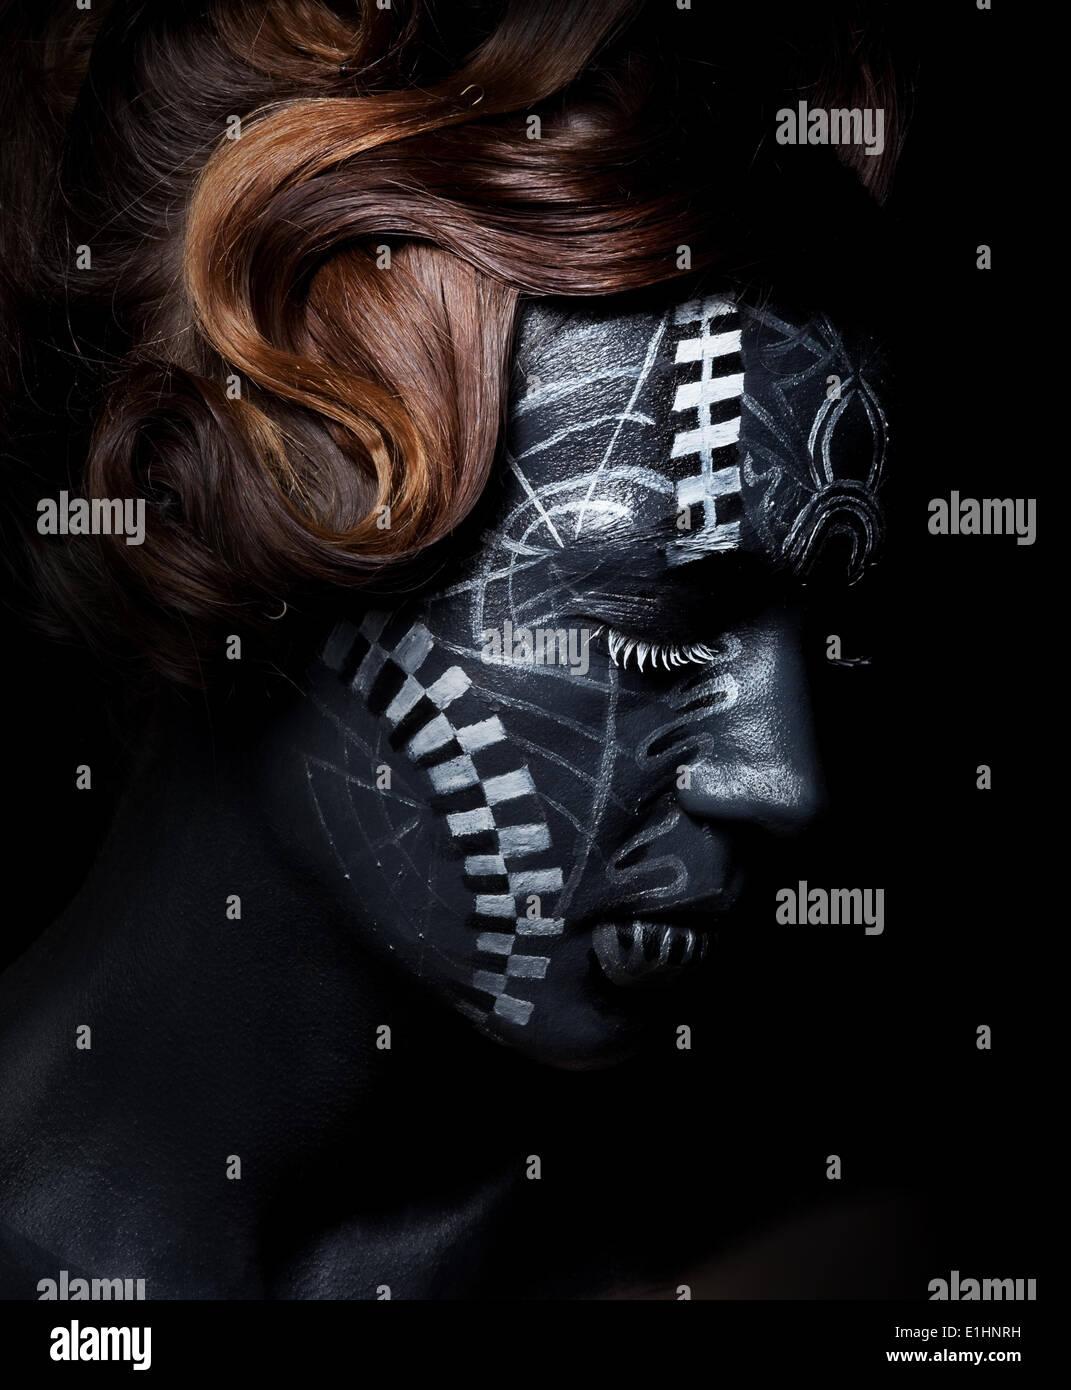 Femme triste visage peint en noir avec un masque de carnaval Photo Stock